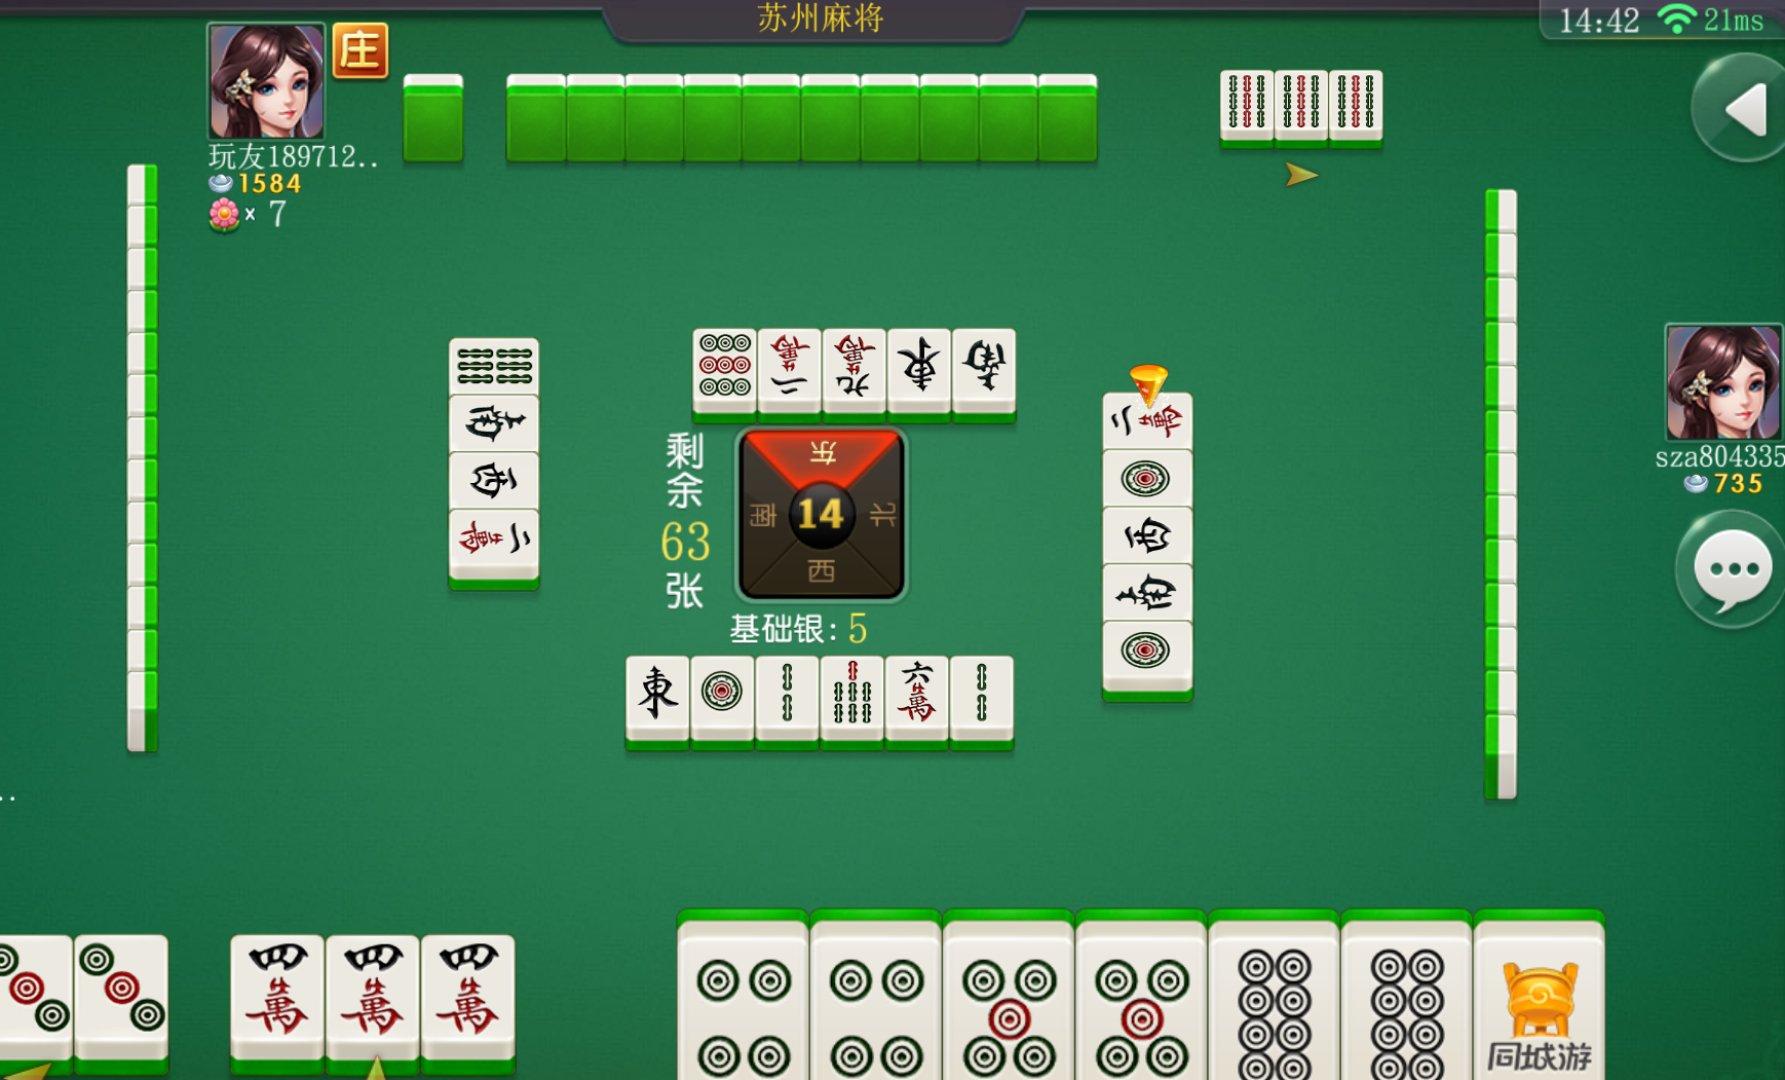 苏州麻将技巧十句口诀,玩家掌握方能赢